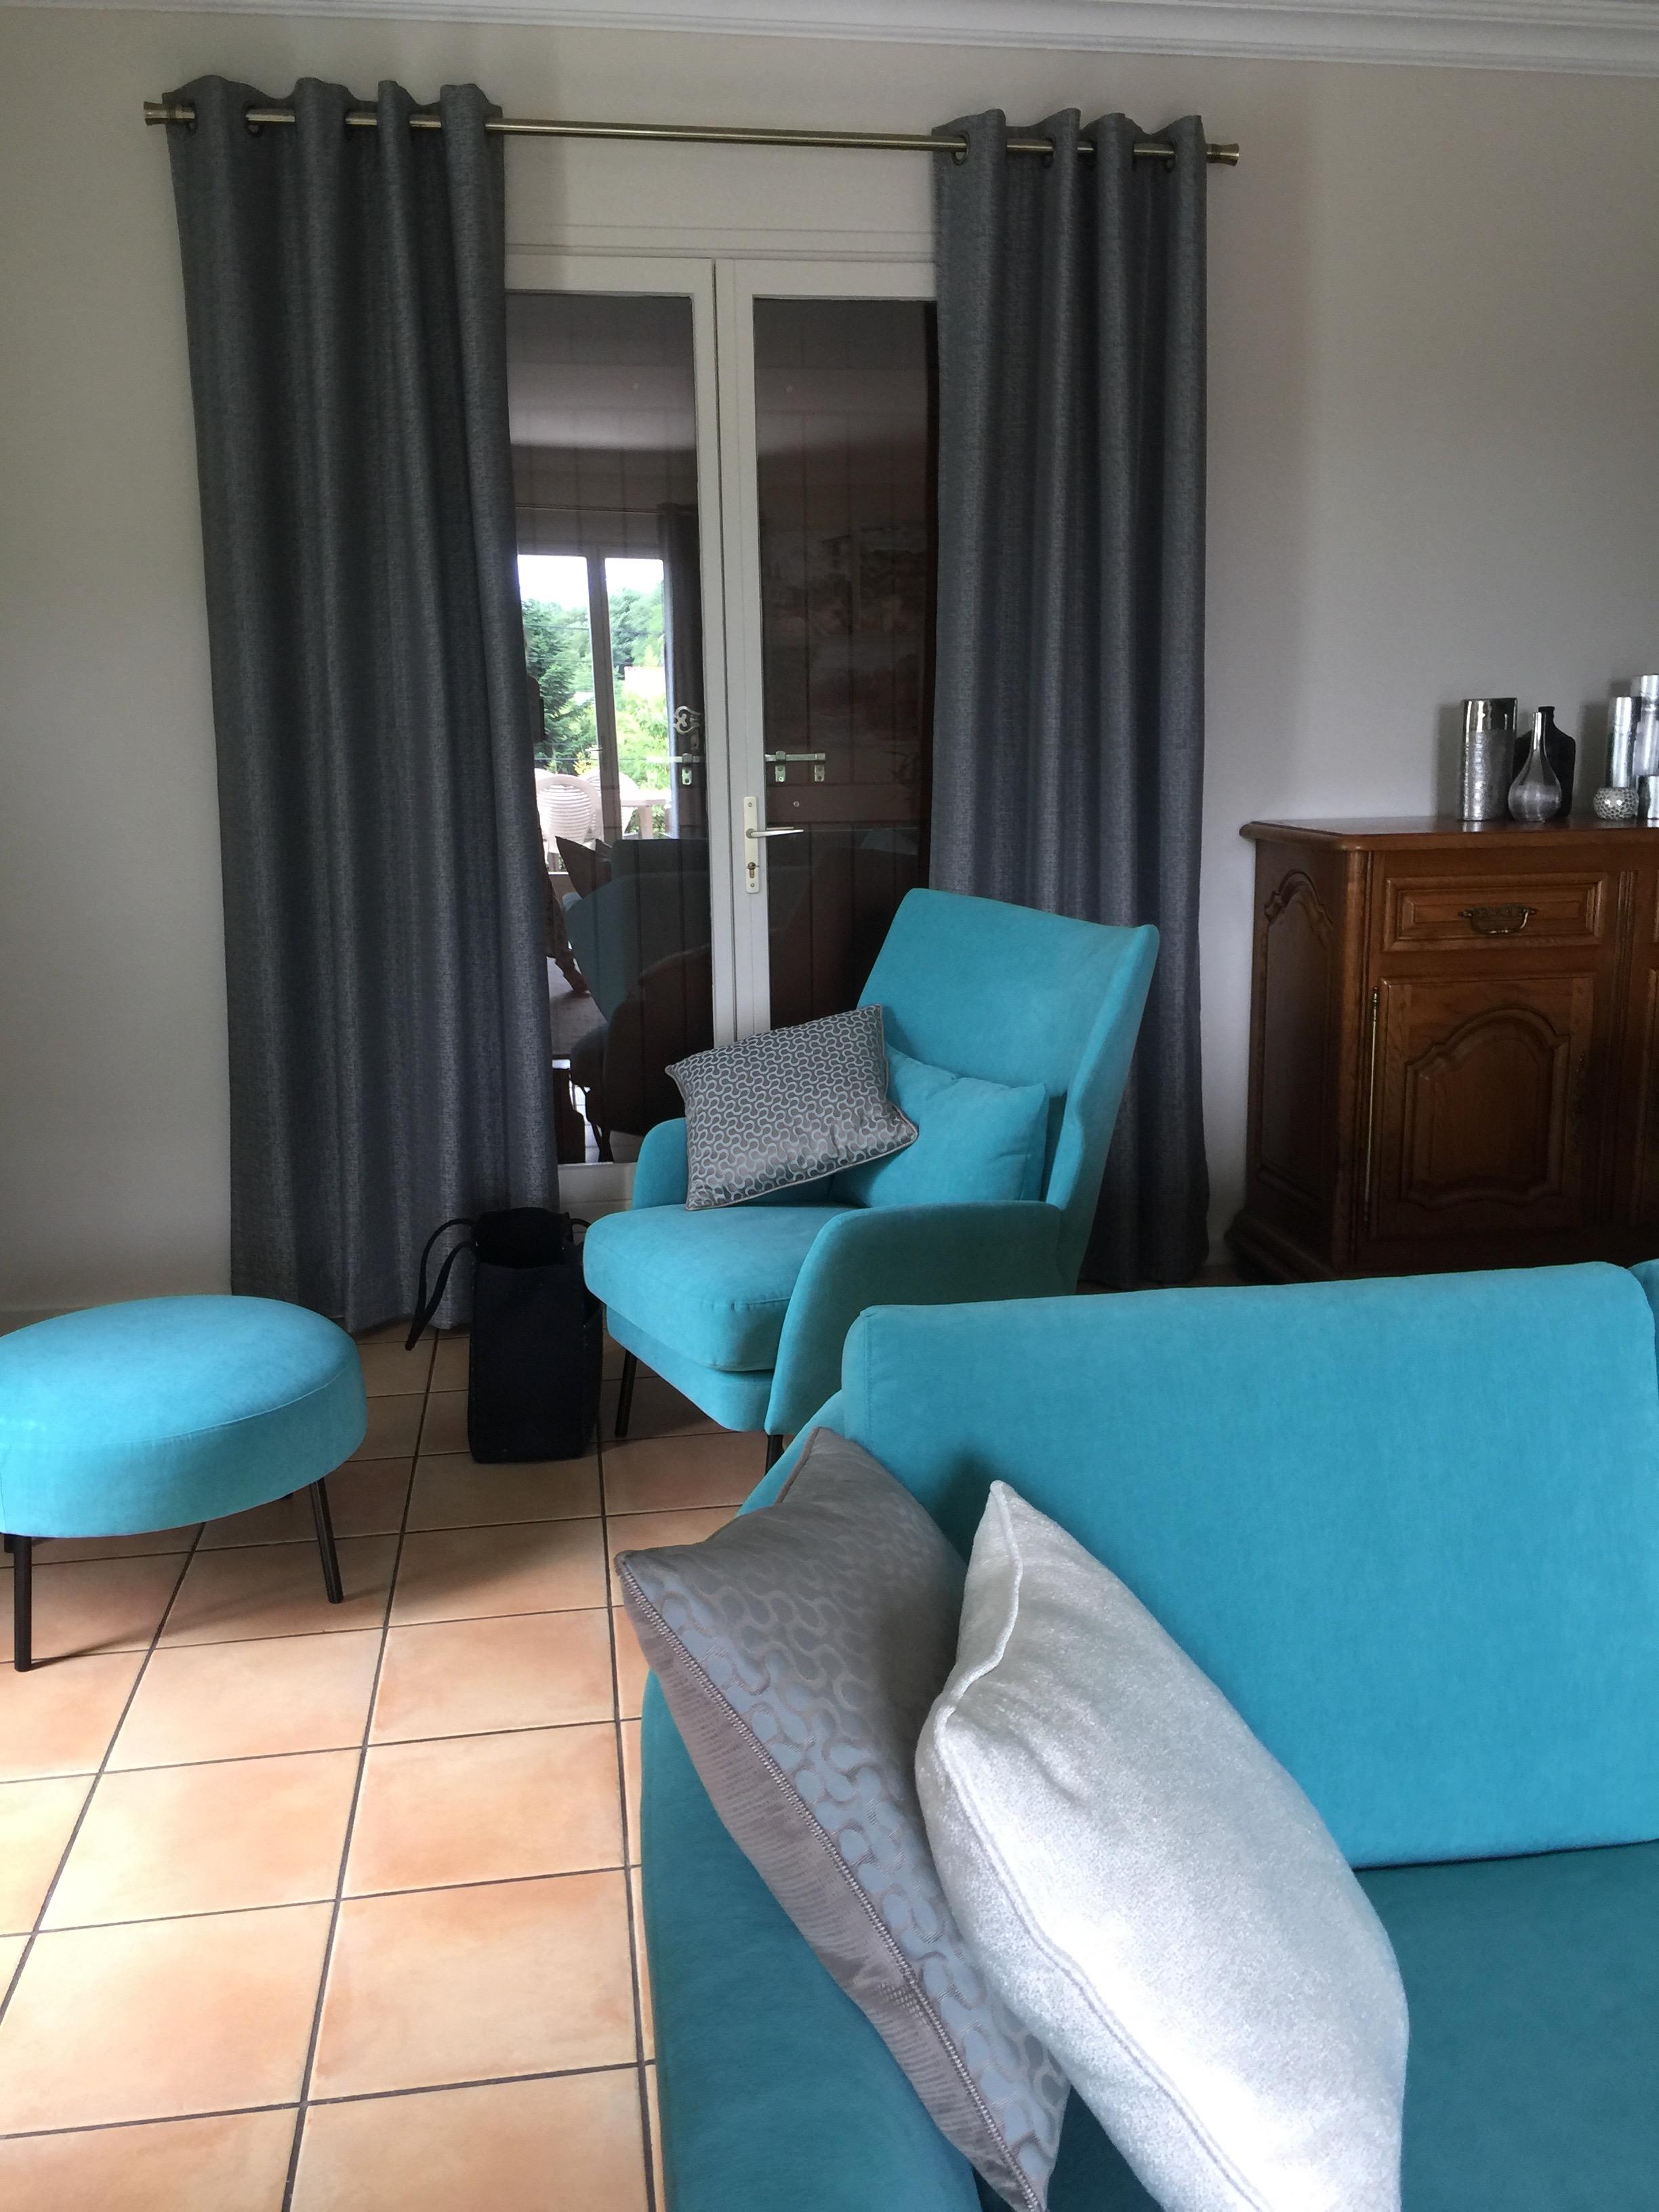 decoration interieur paris fabulous concept restaurant. Black Bedroom Furniture Sets. Home Design Ideas